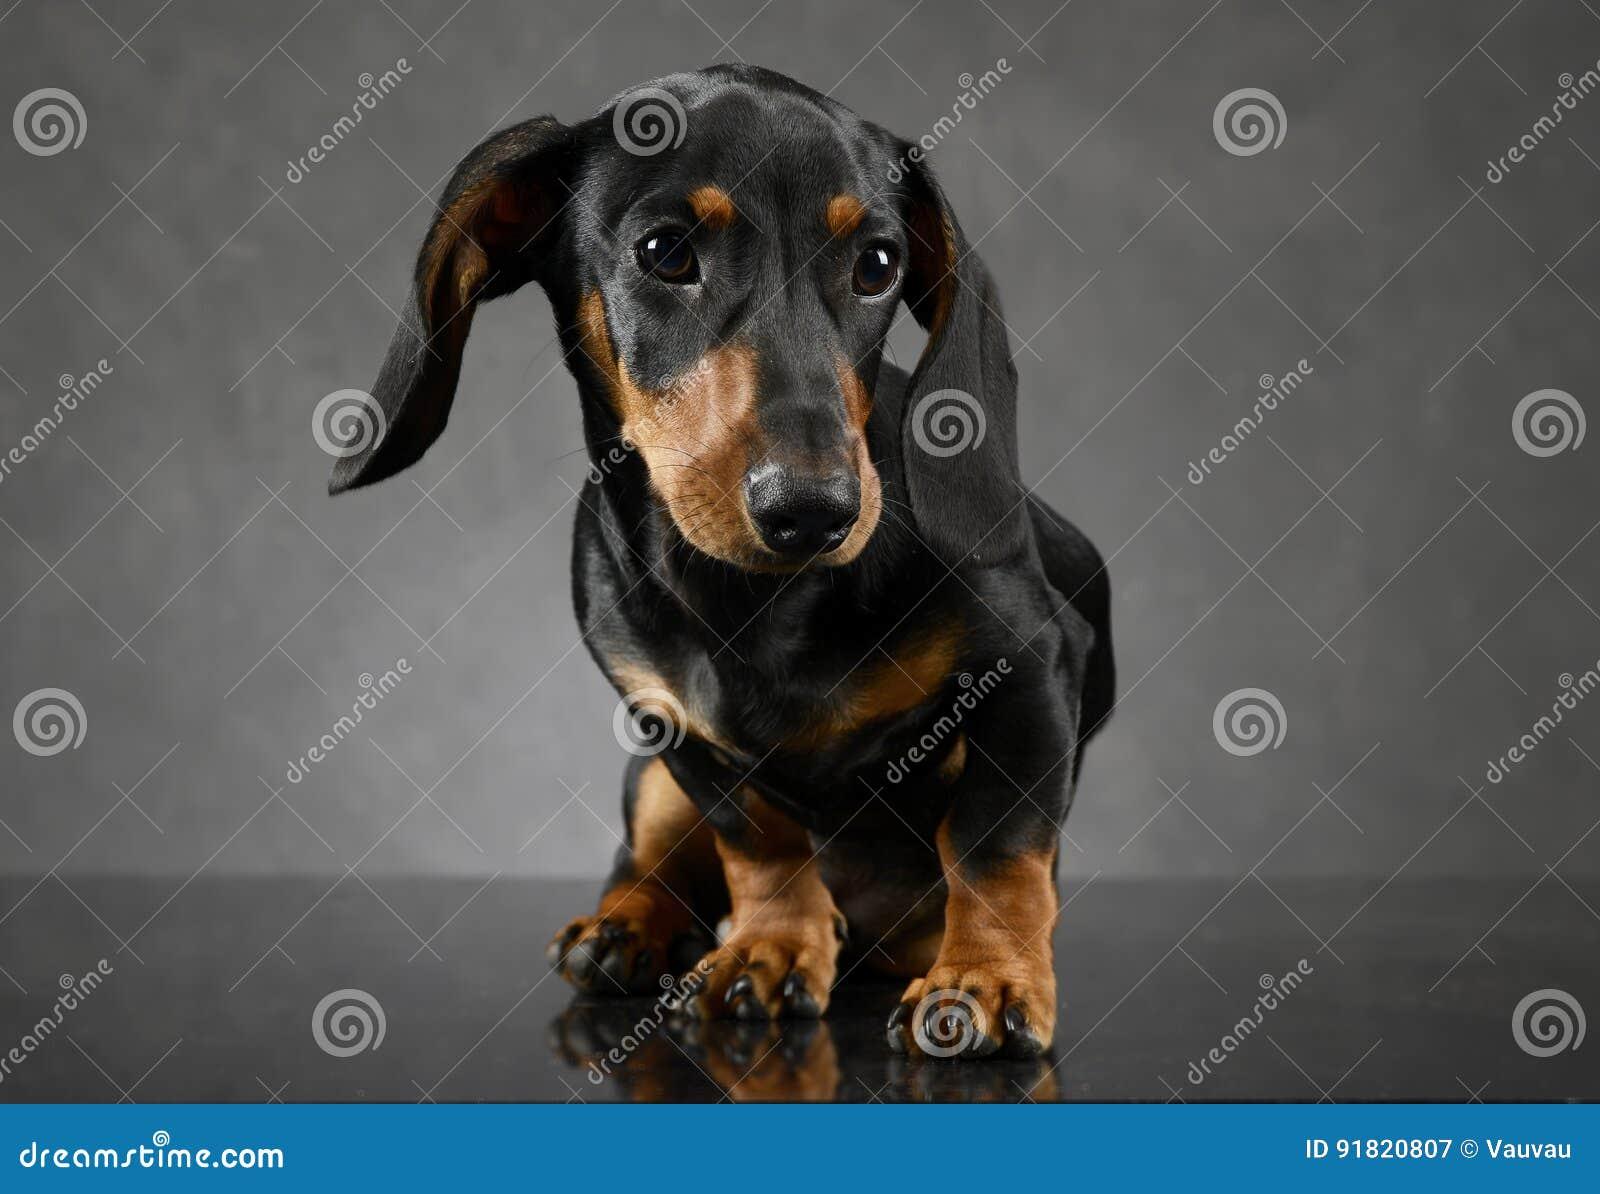 Retrato Del Perro Basset Del Perrito Del Pelo Corto En Fondo